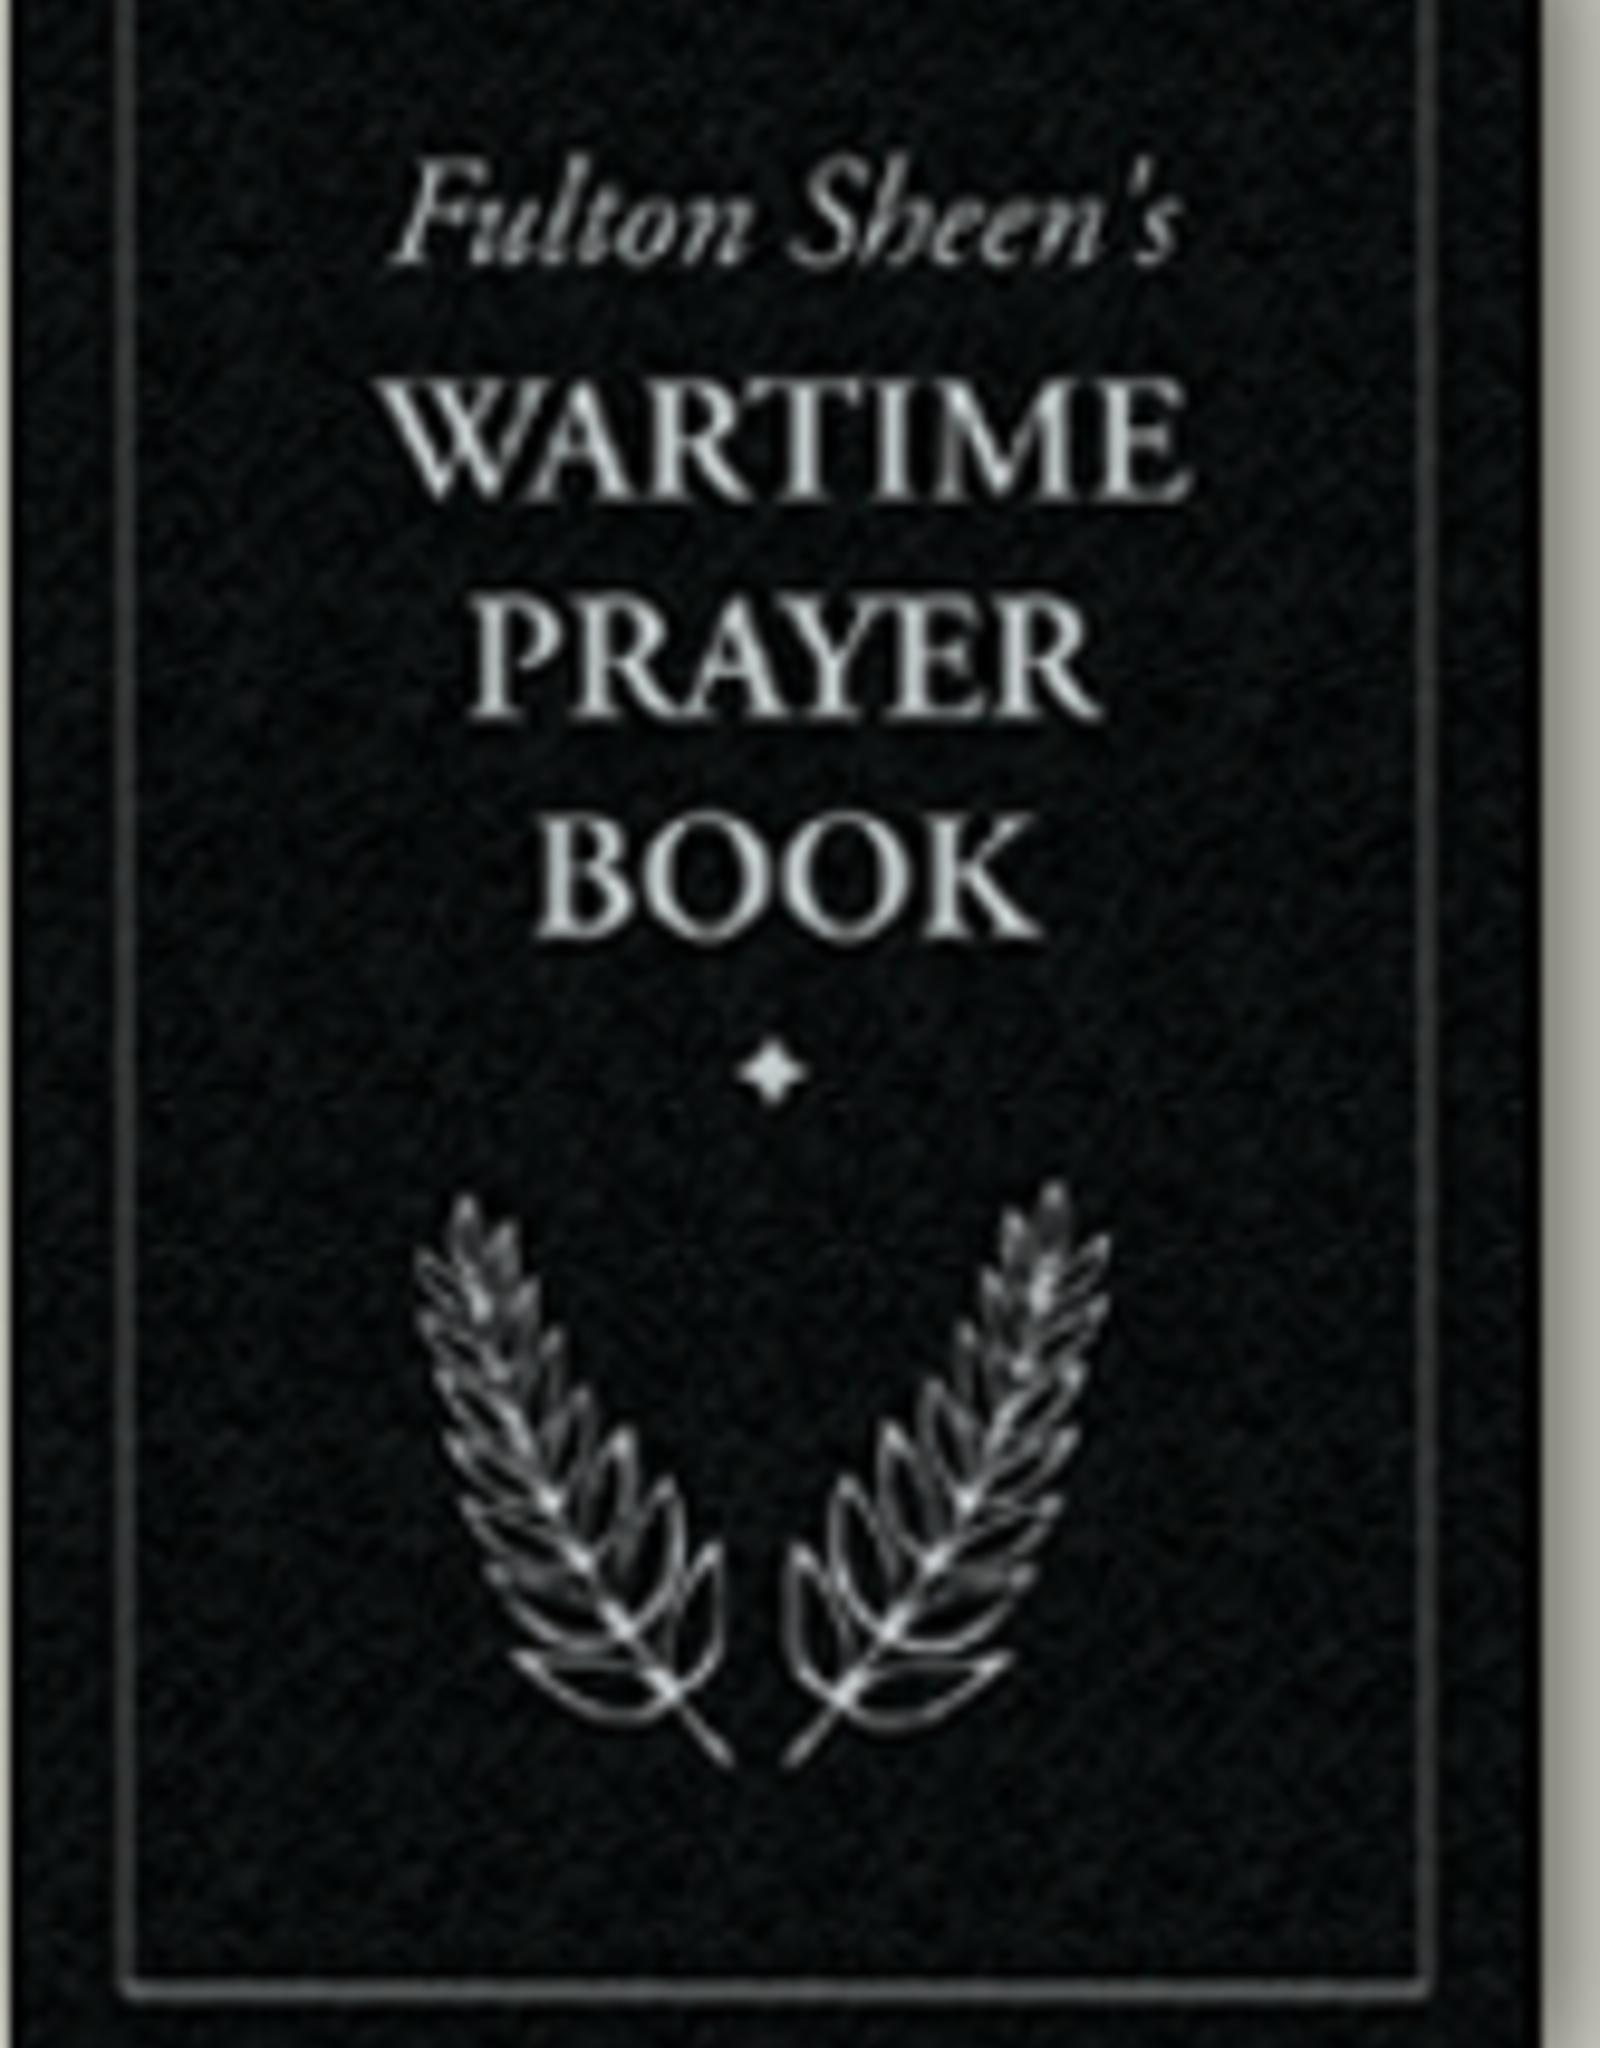 Sophia Institute Fulton Sheen's Wartime Prayer Book, by Fulton Sheen